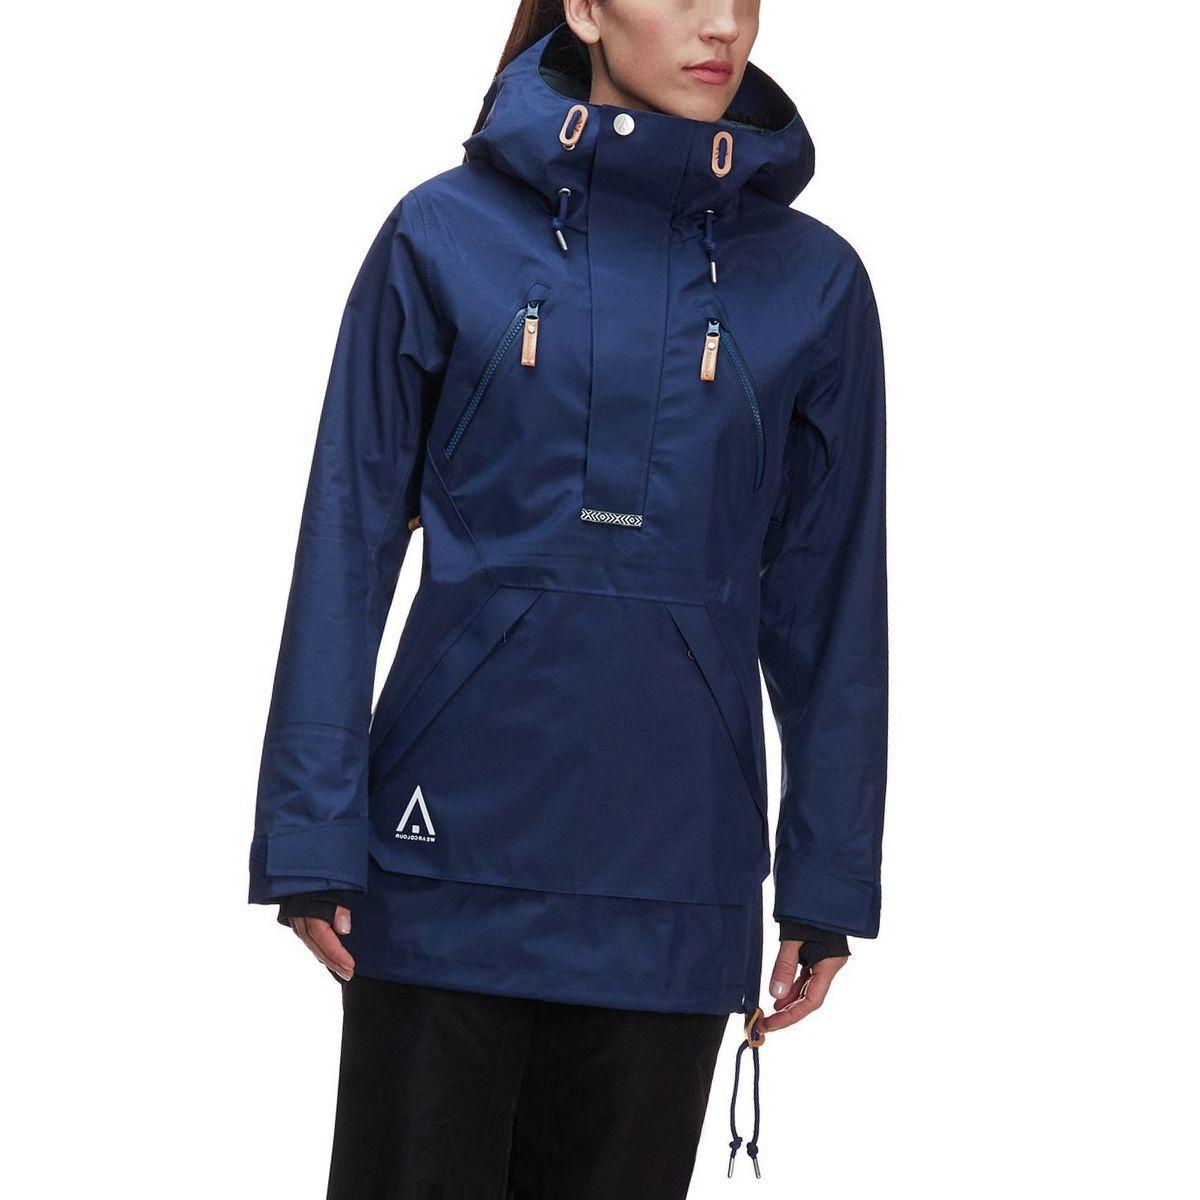 WEAR COLOUR KJ Jacket - Women's